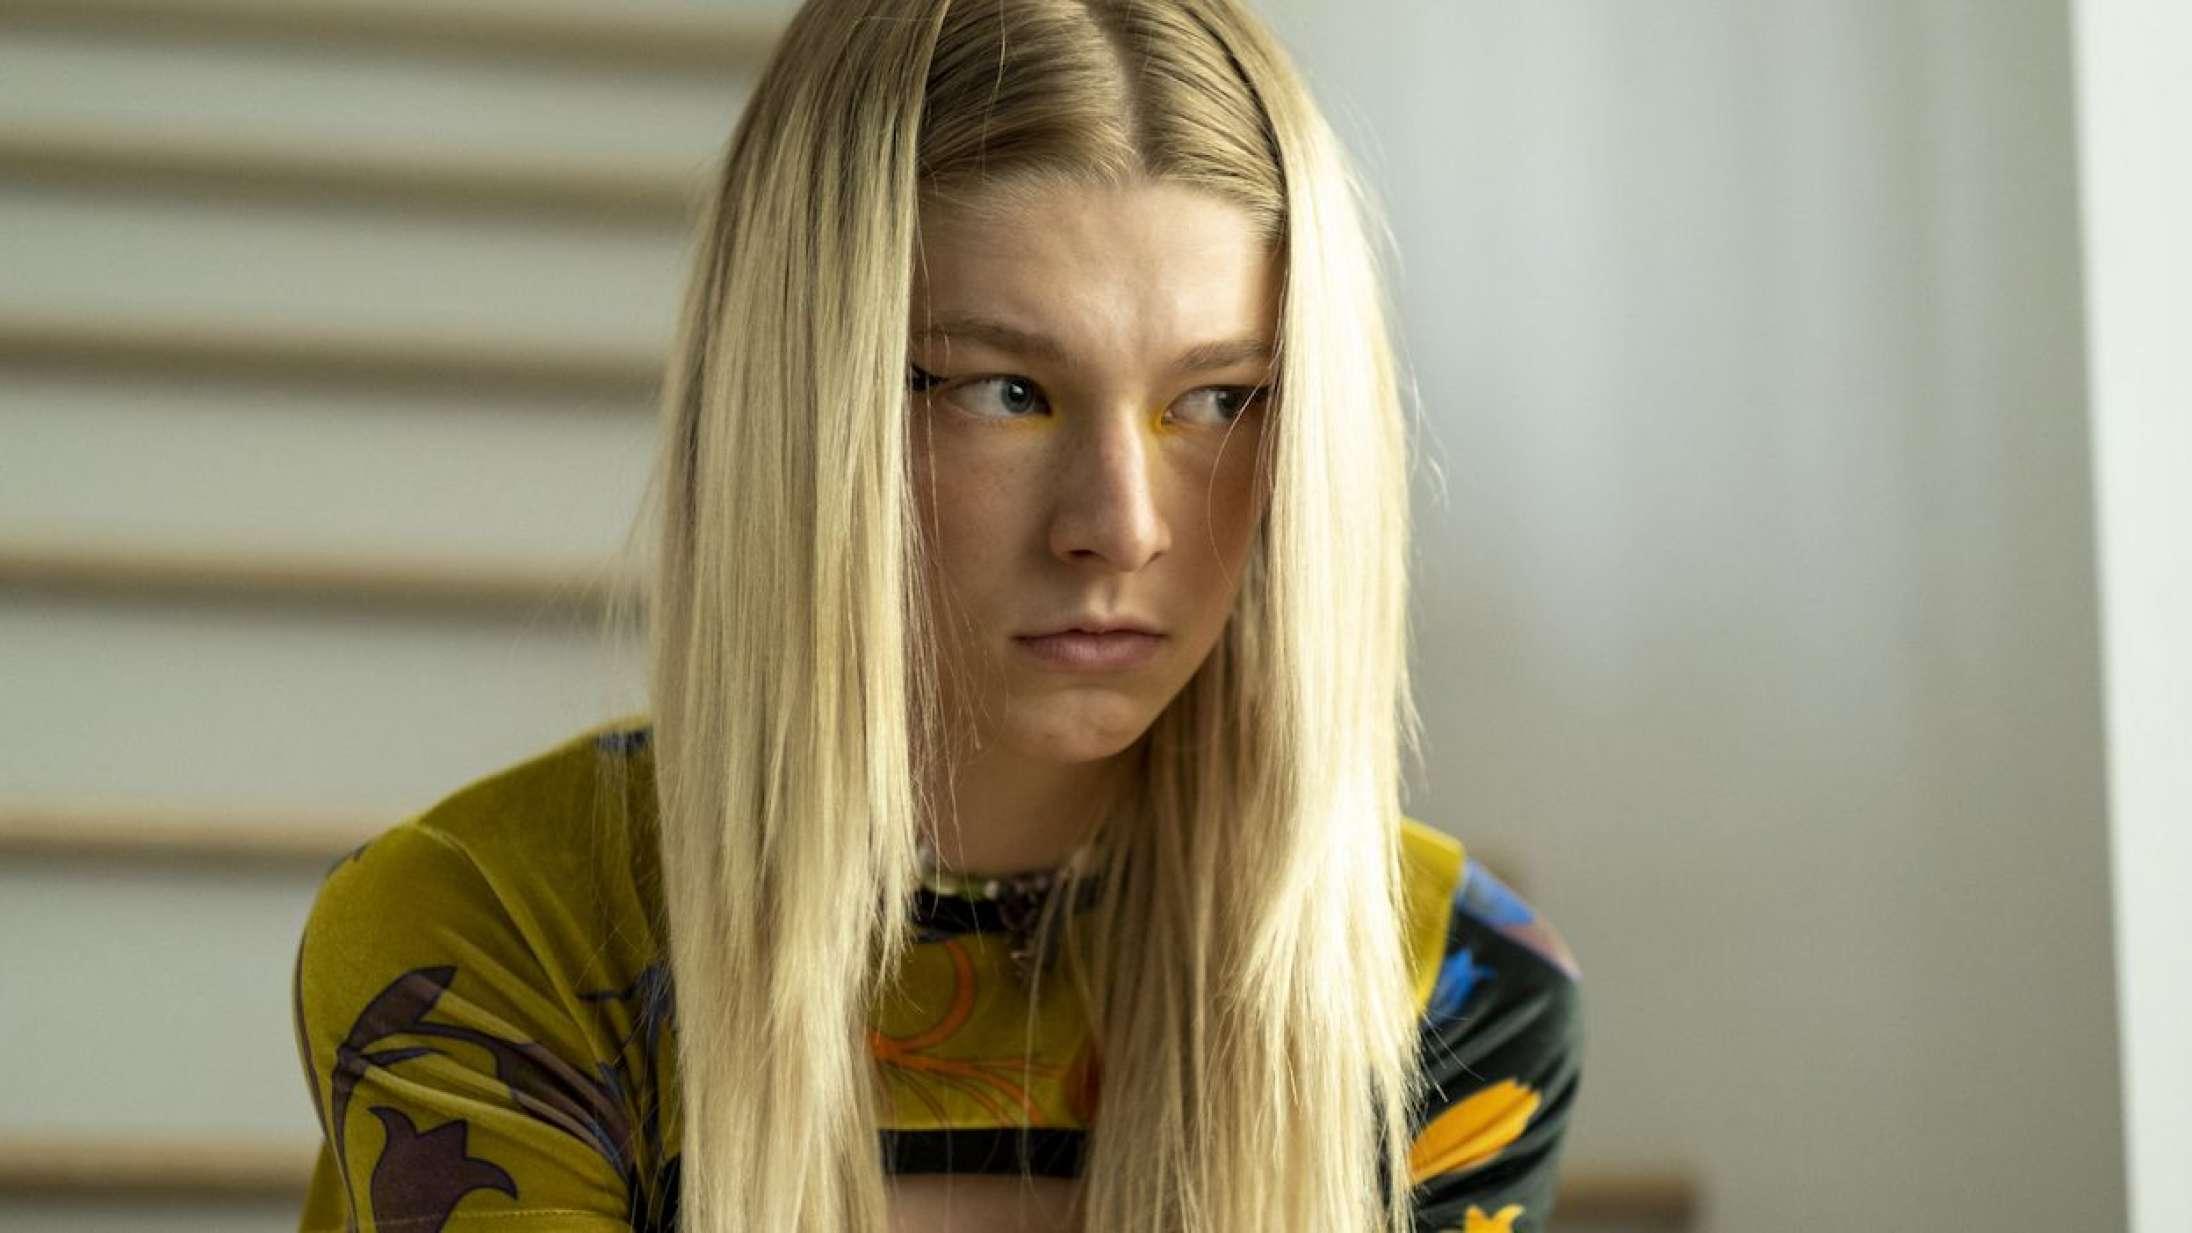 'Euphoria's to særafsnit: HBO's enestående ungdomsserie fortsætter med at skubbe grænserne